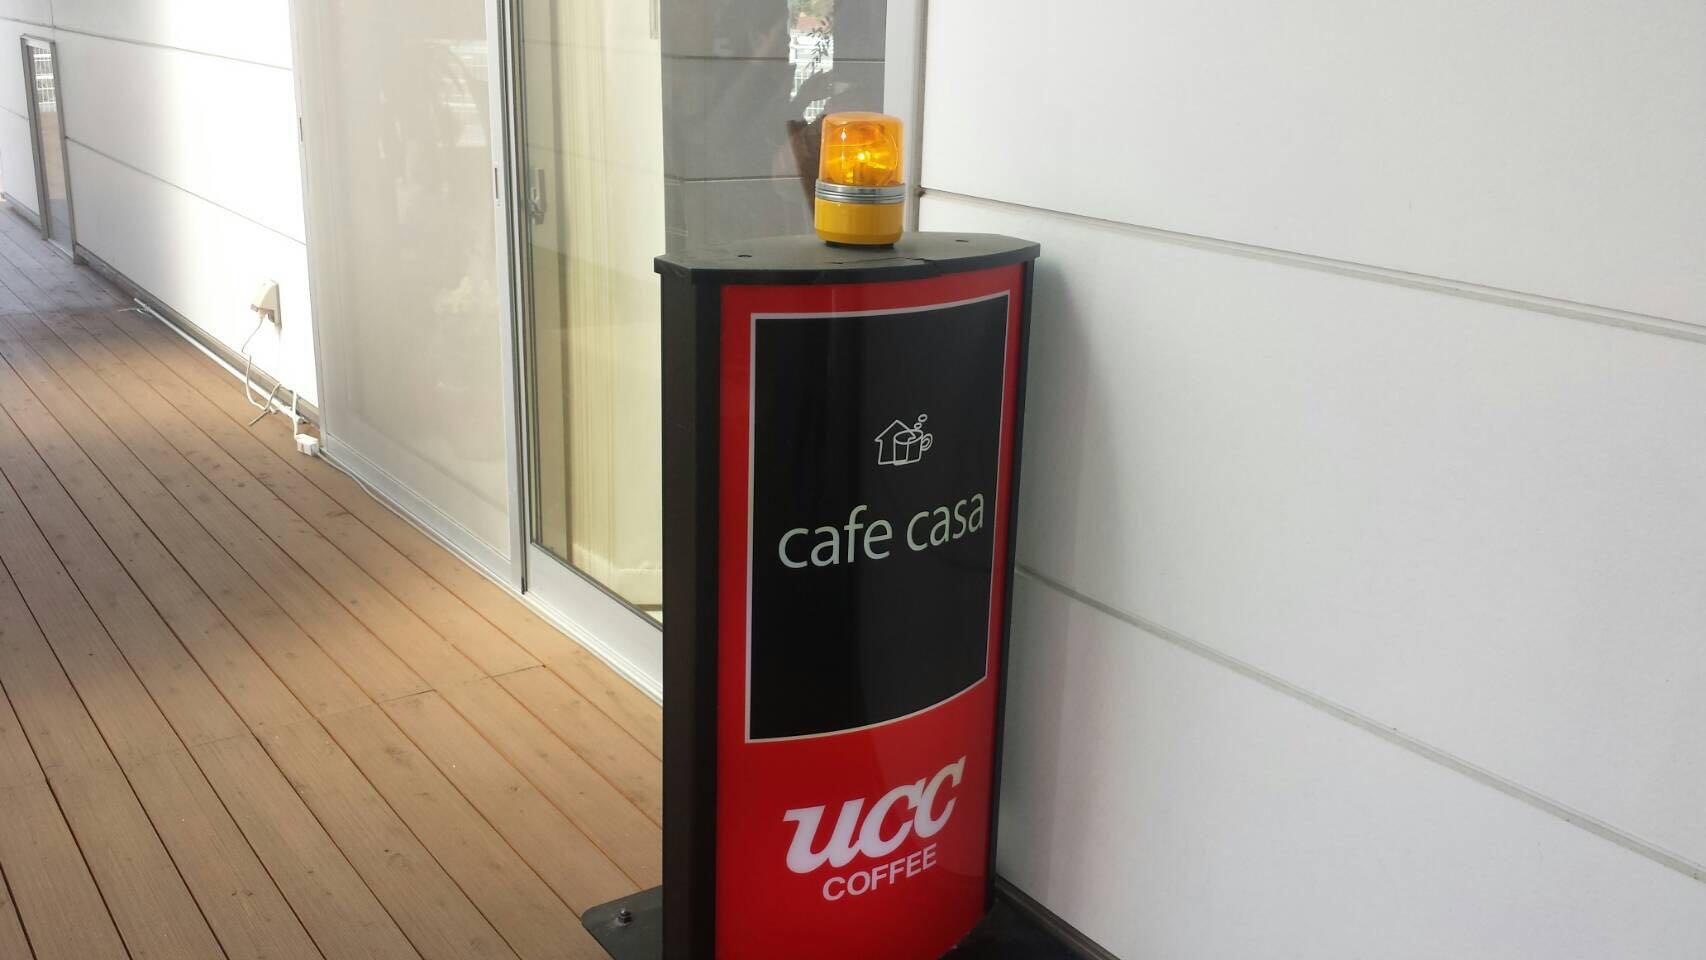 みとん今治,cafe casa,カフェ,山路